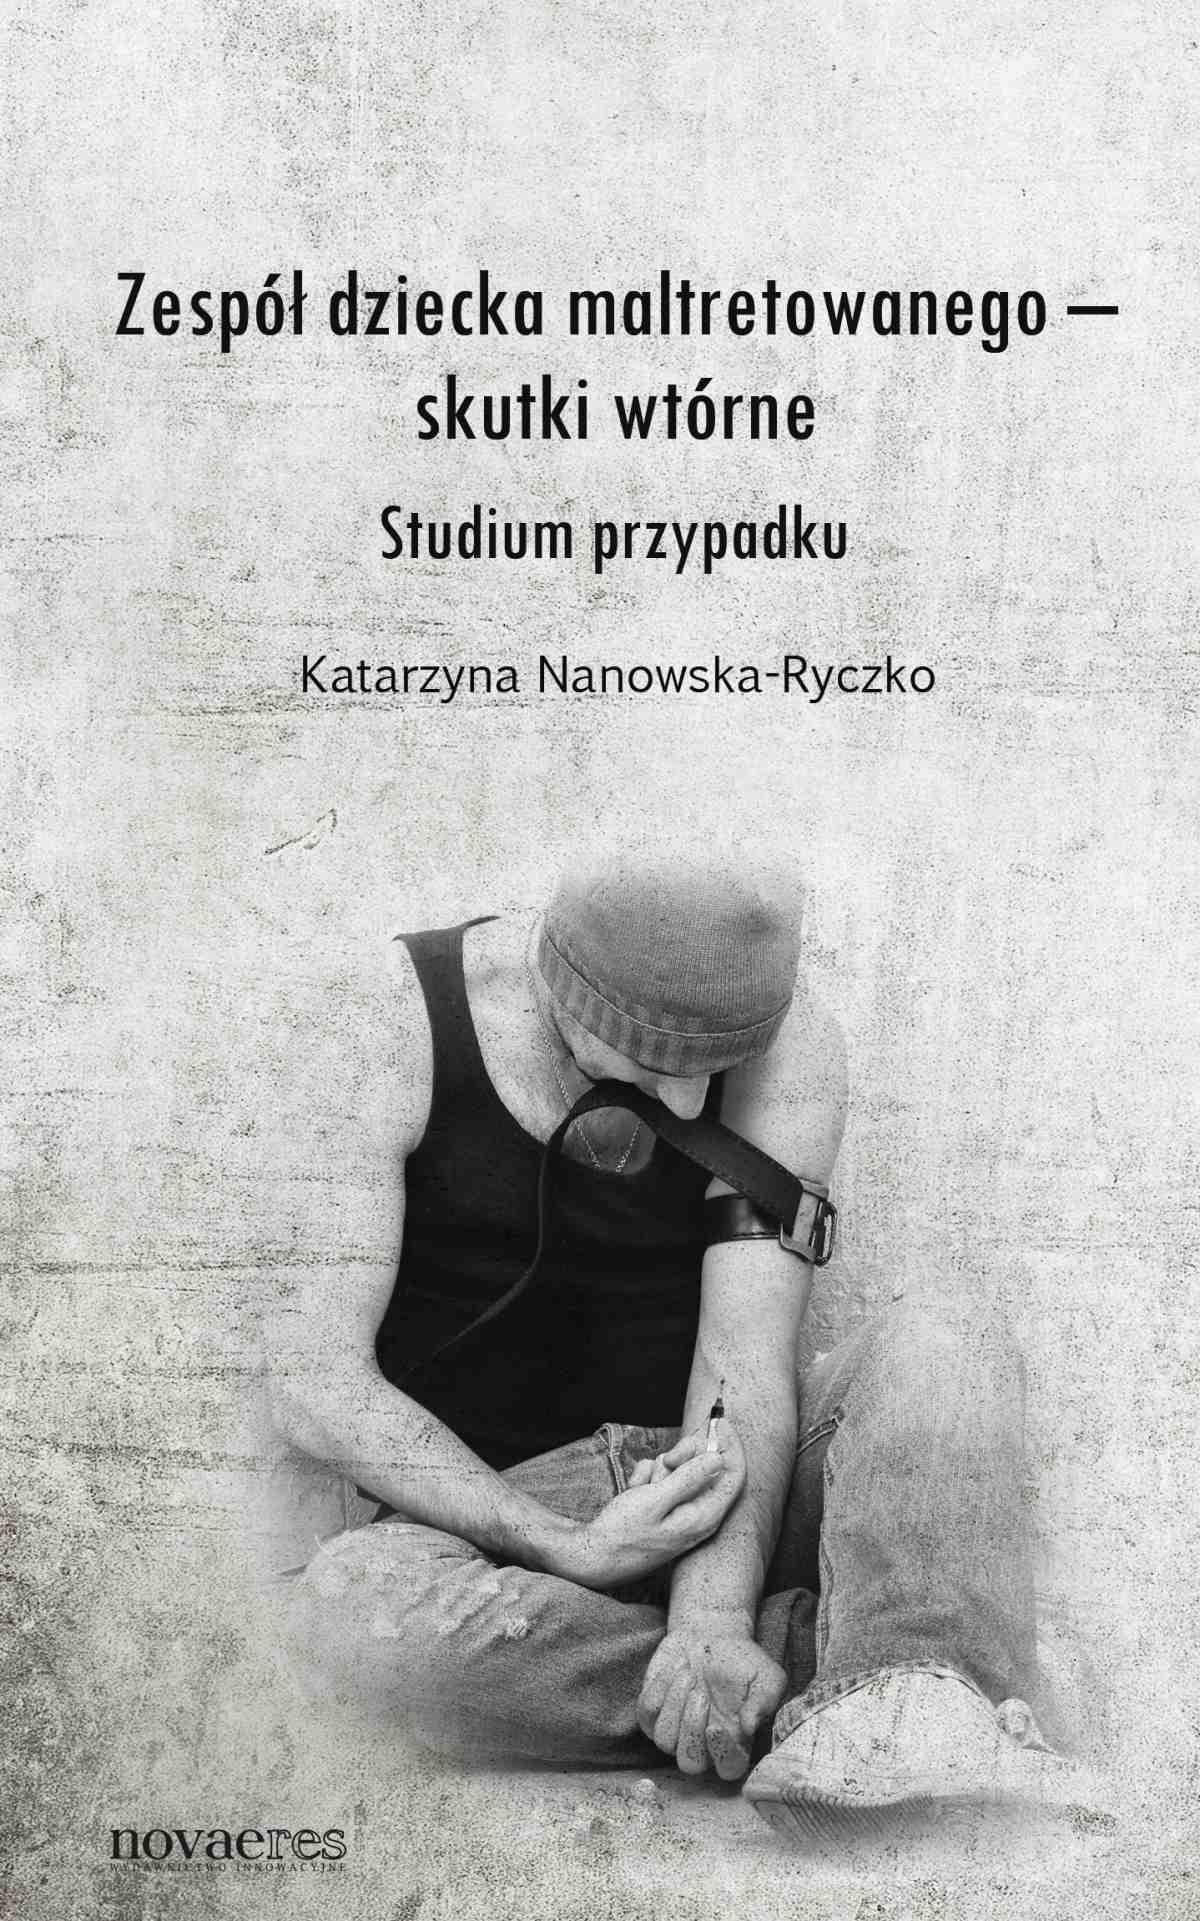 Zespół dziecka maltretowanego – skutki wtórne. Studium przypadku - Ebook (Książka EPUB) do pobrania w formacie EPUB